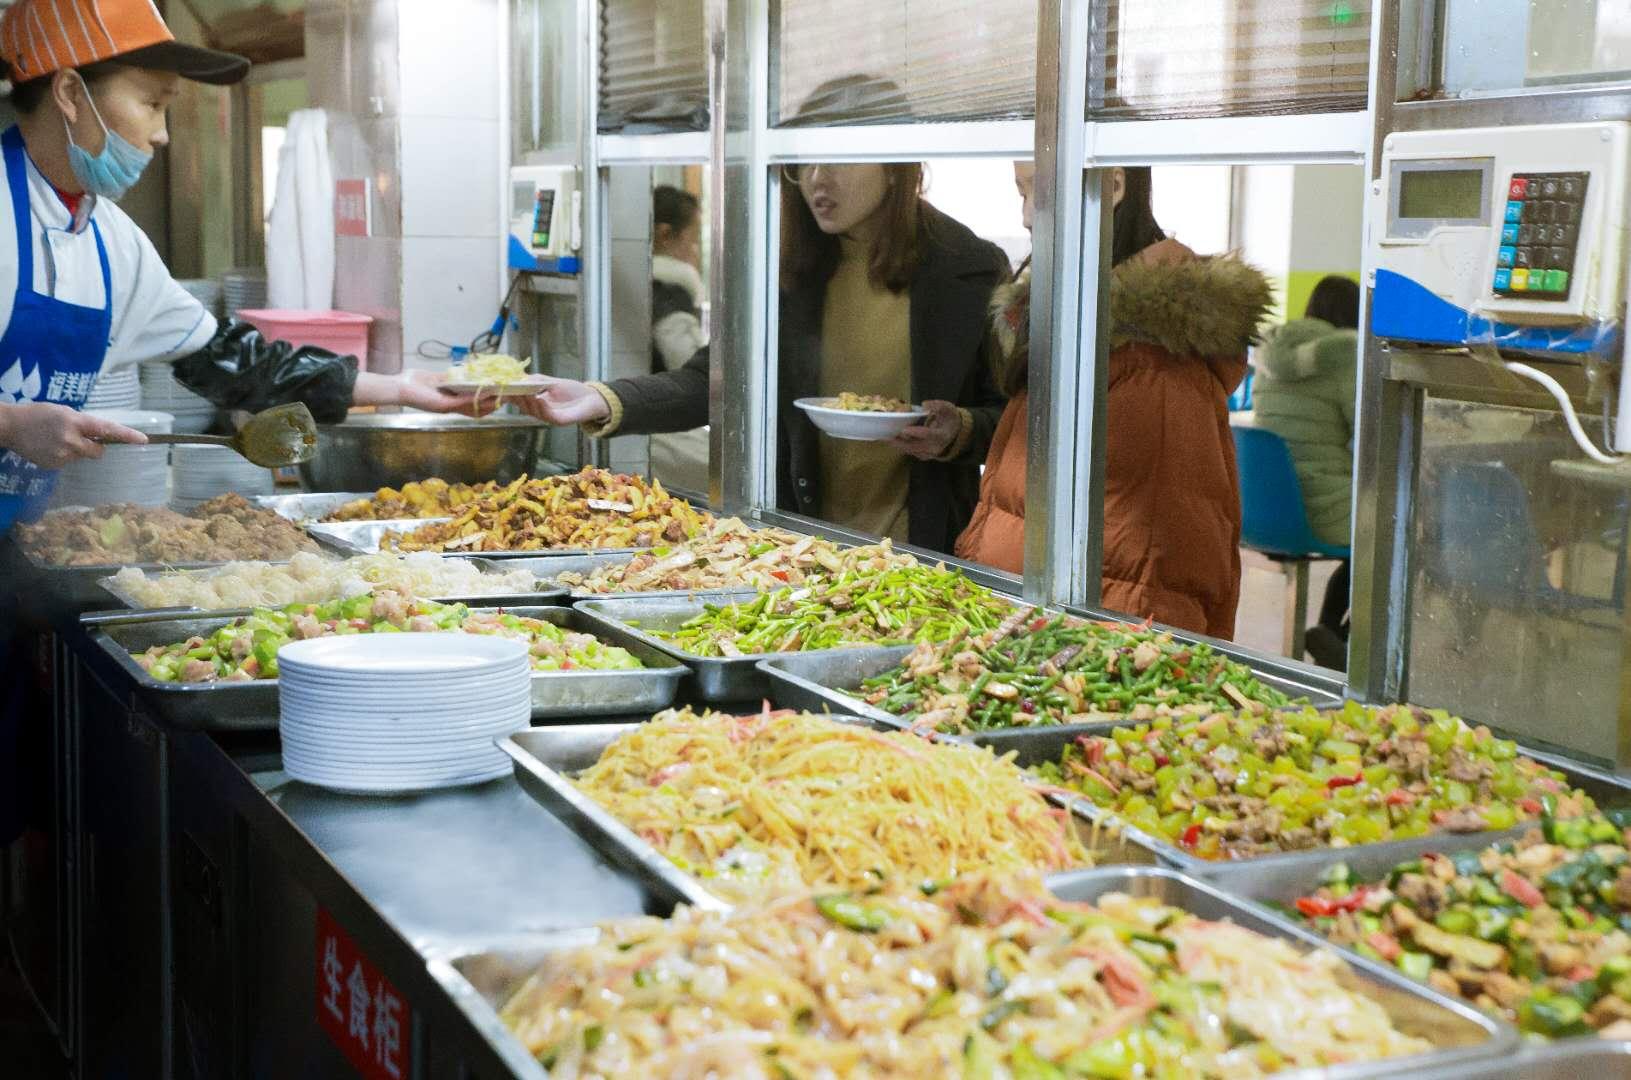 广东工厂食堂承包|新亿德餐饮供应放心可靠的食堂承包服务